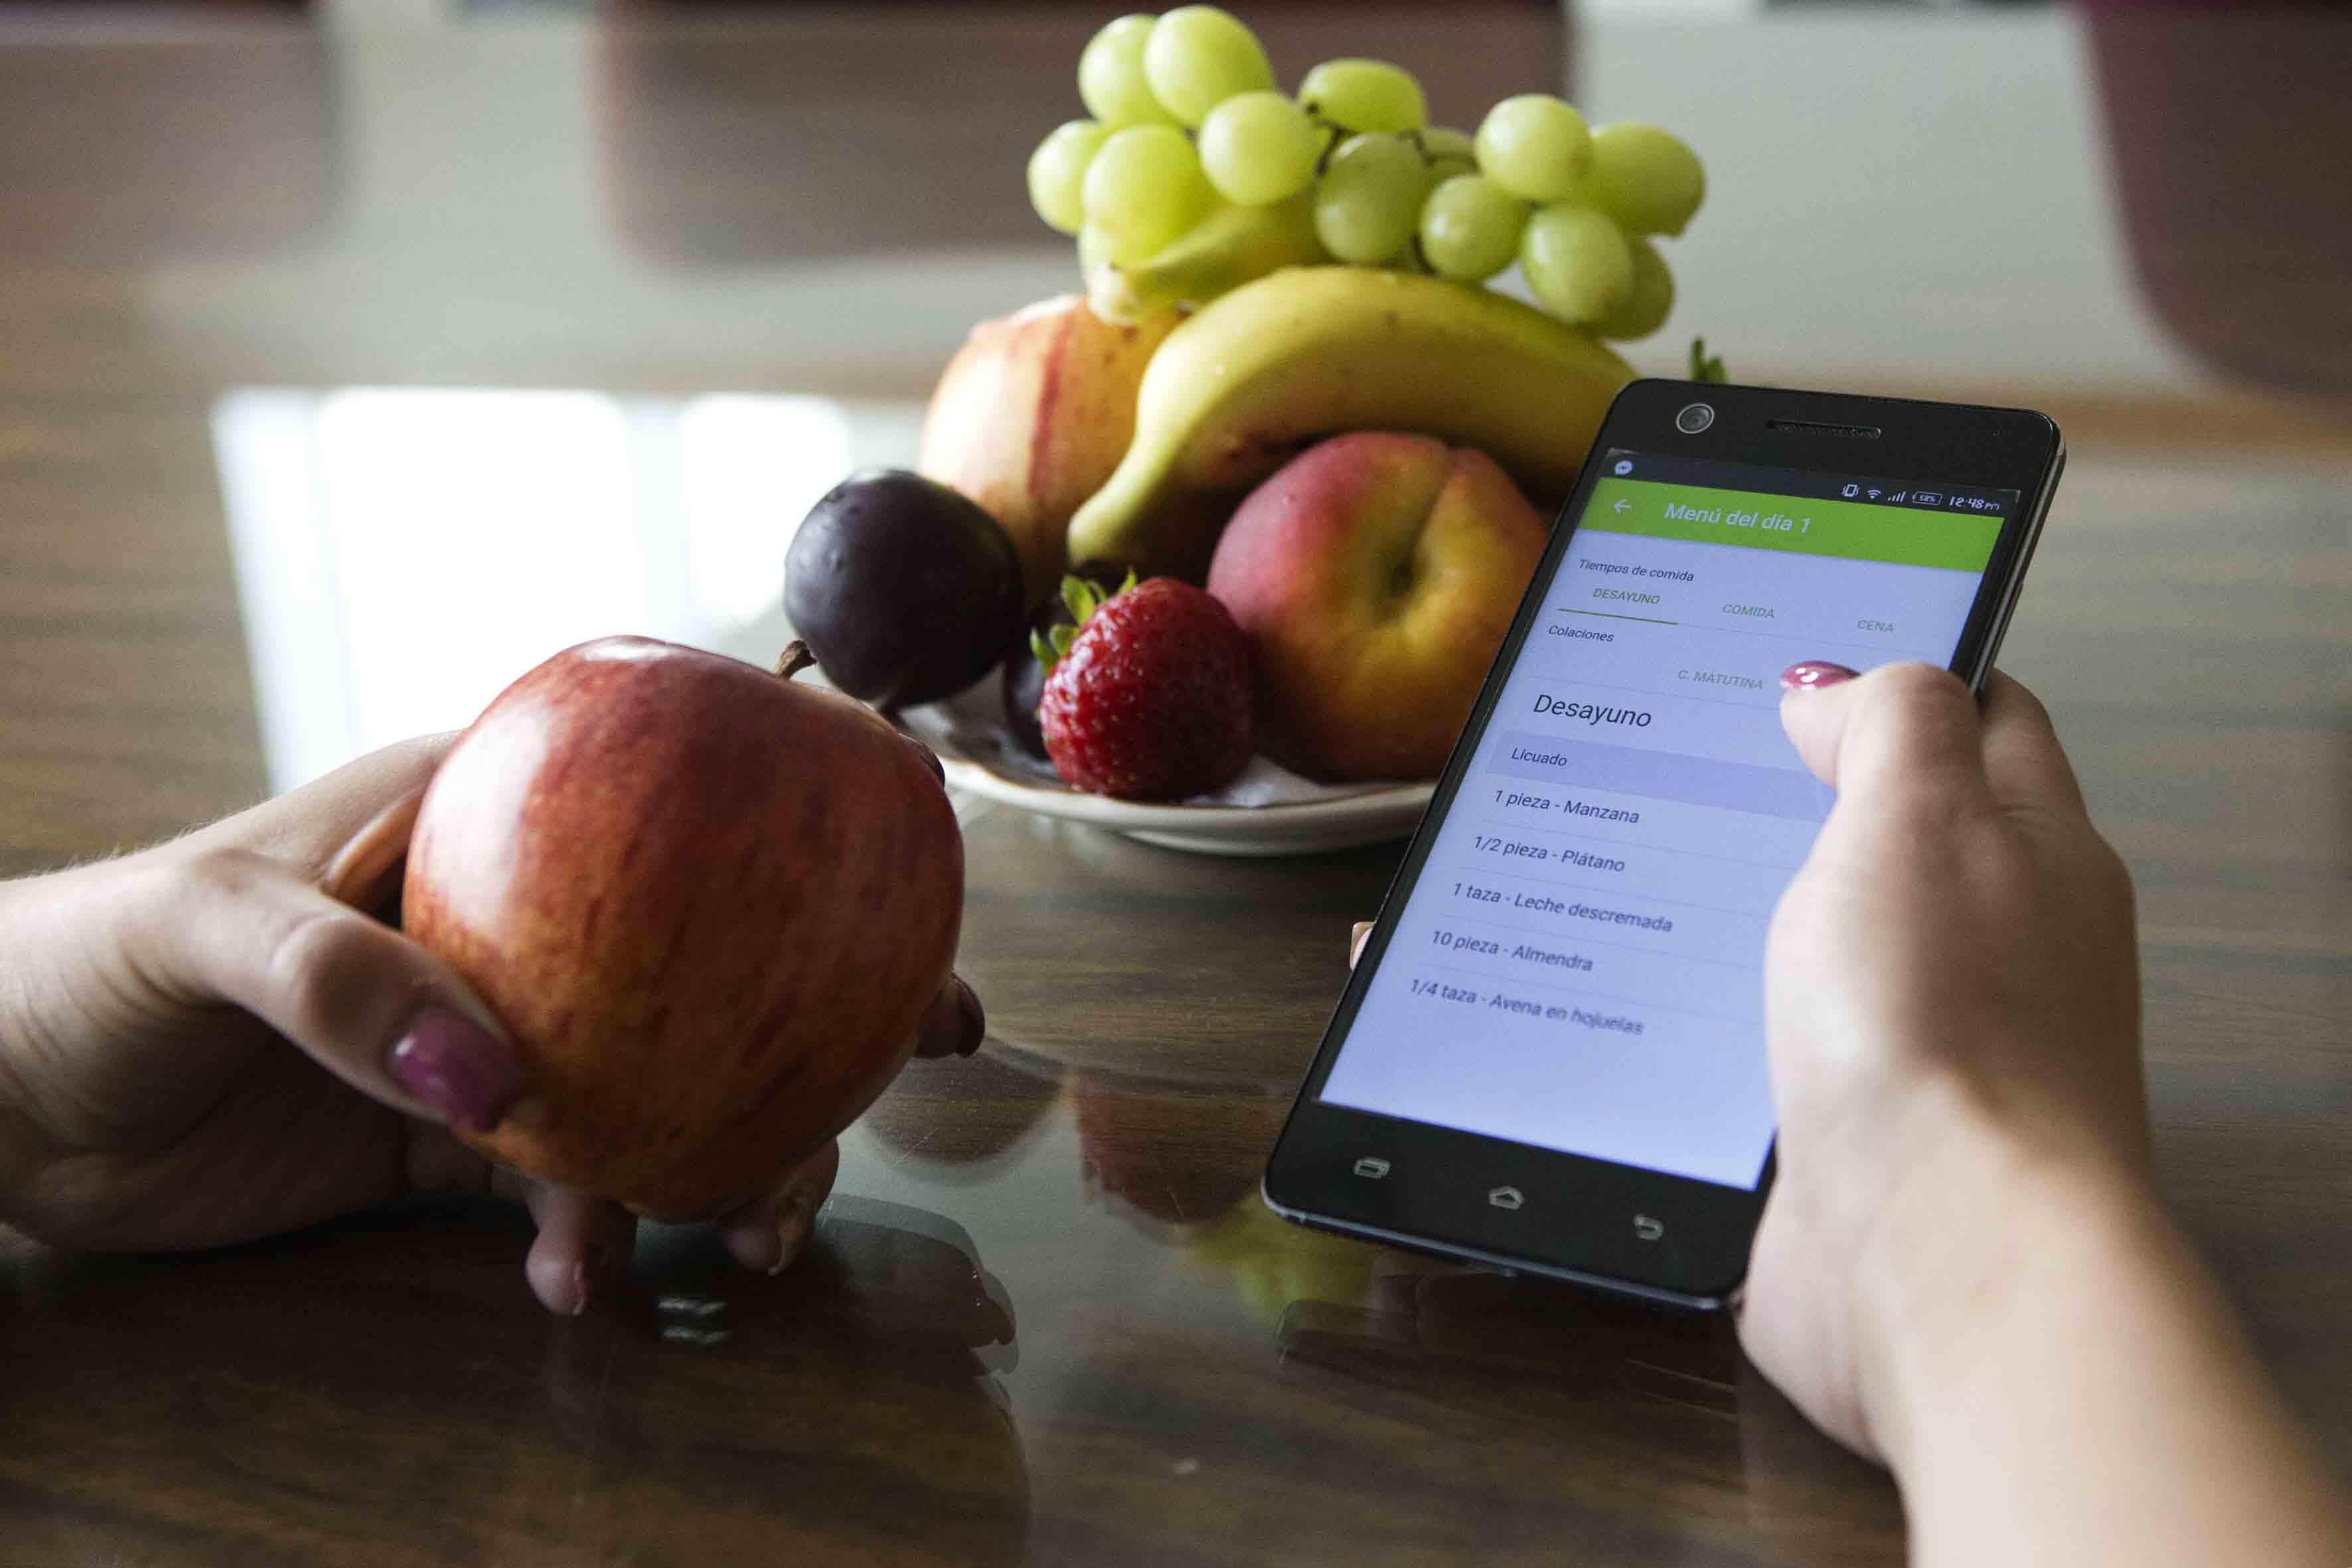 Femenina sentada frente a plato de frutas, sosteniendo una manzana con una mano, mientras con la otra maneja una aplicación de nutrición con su celular.